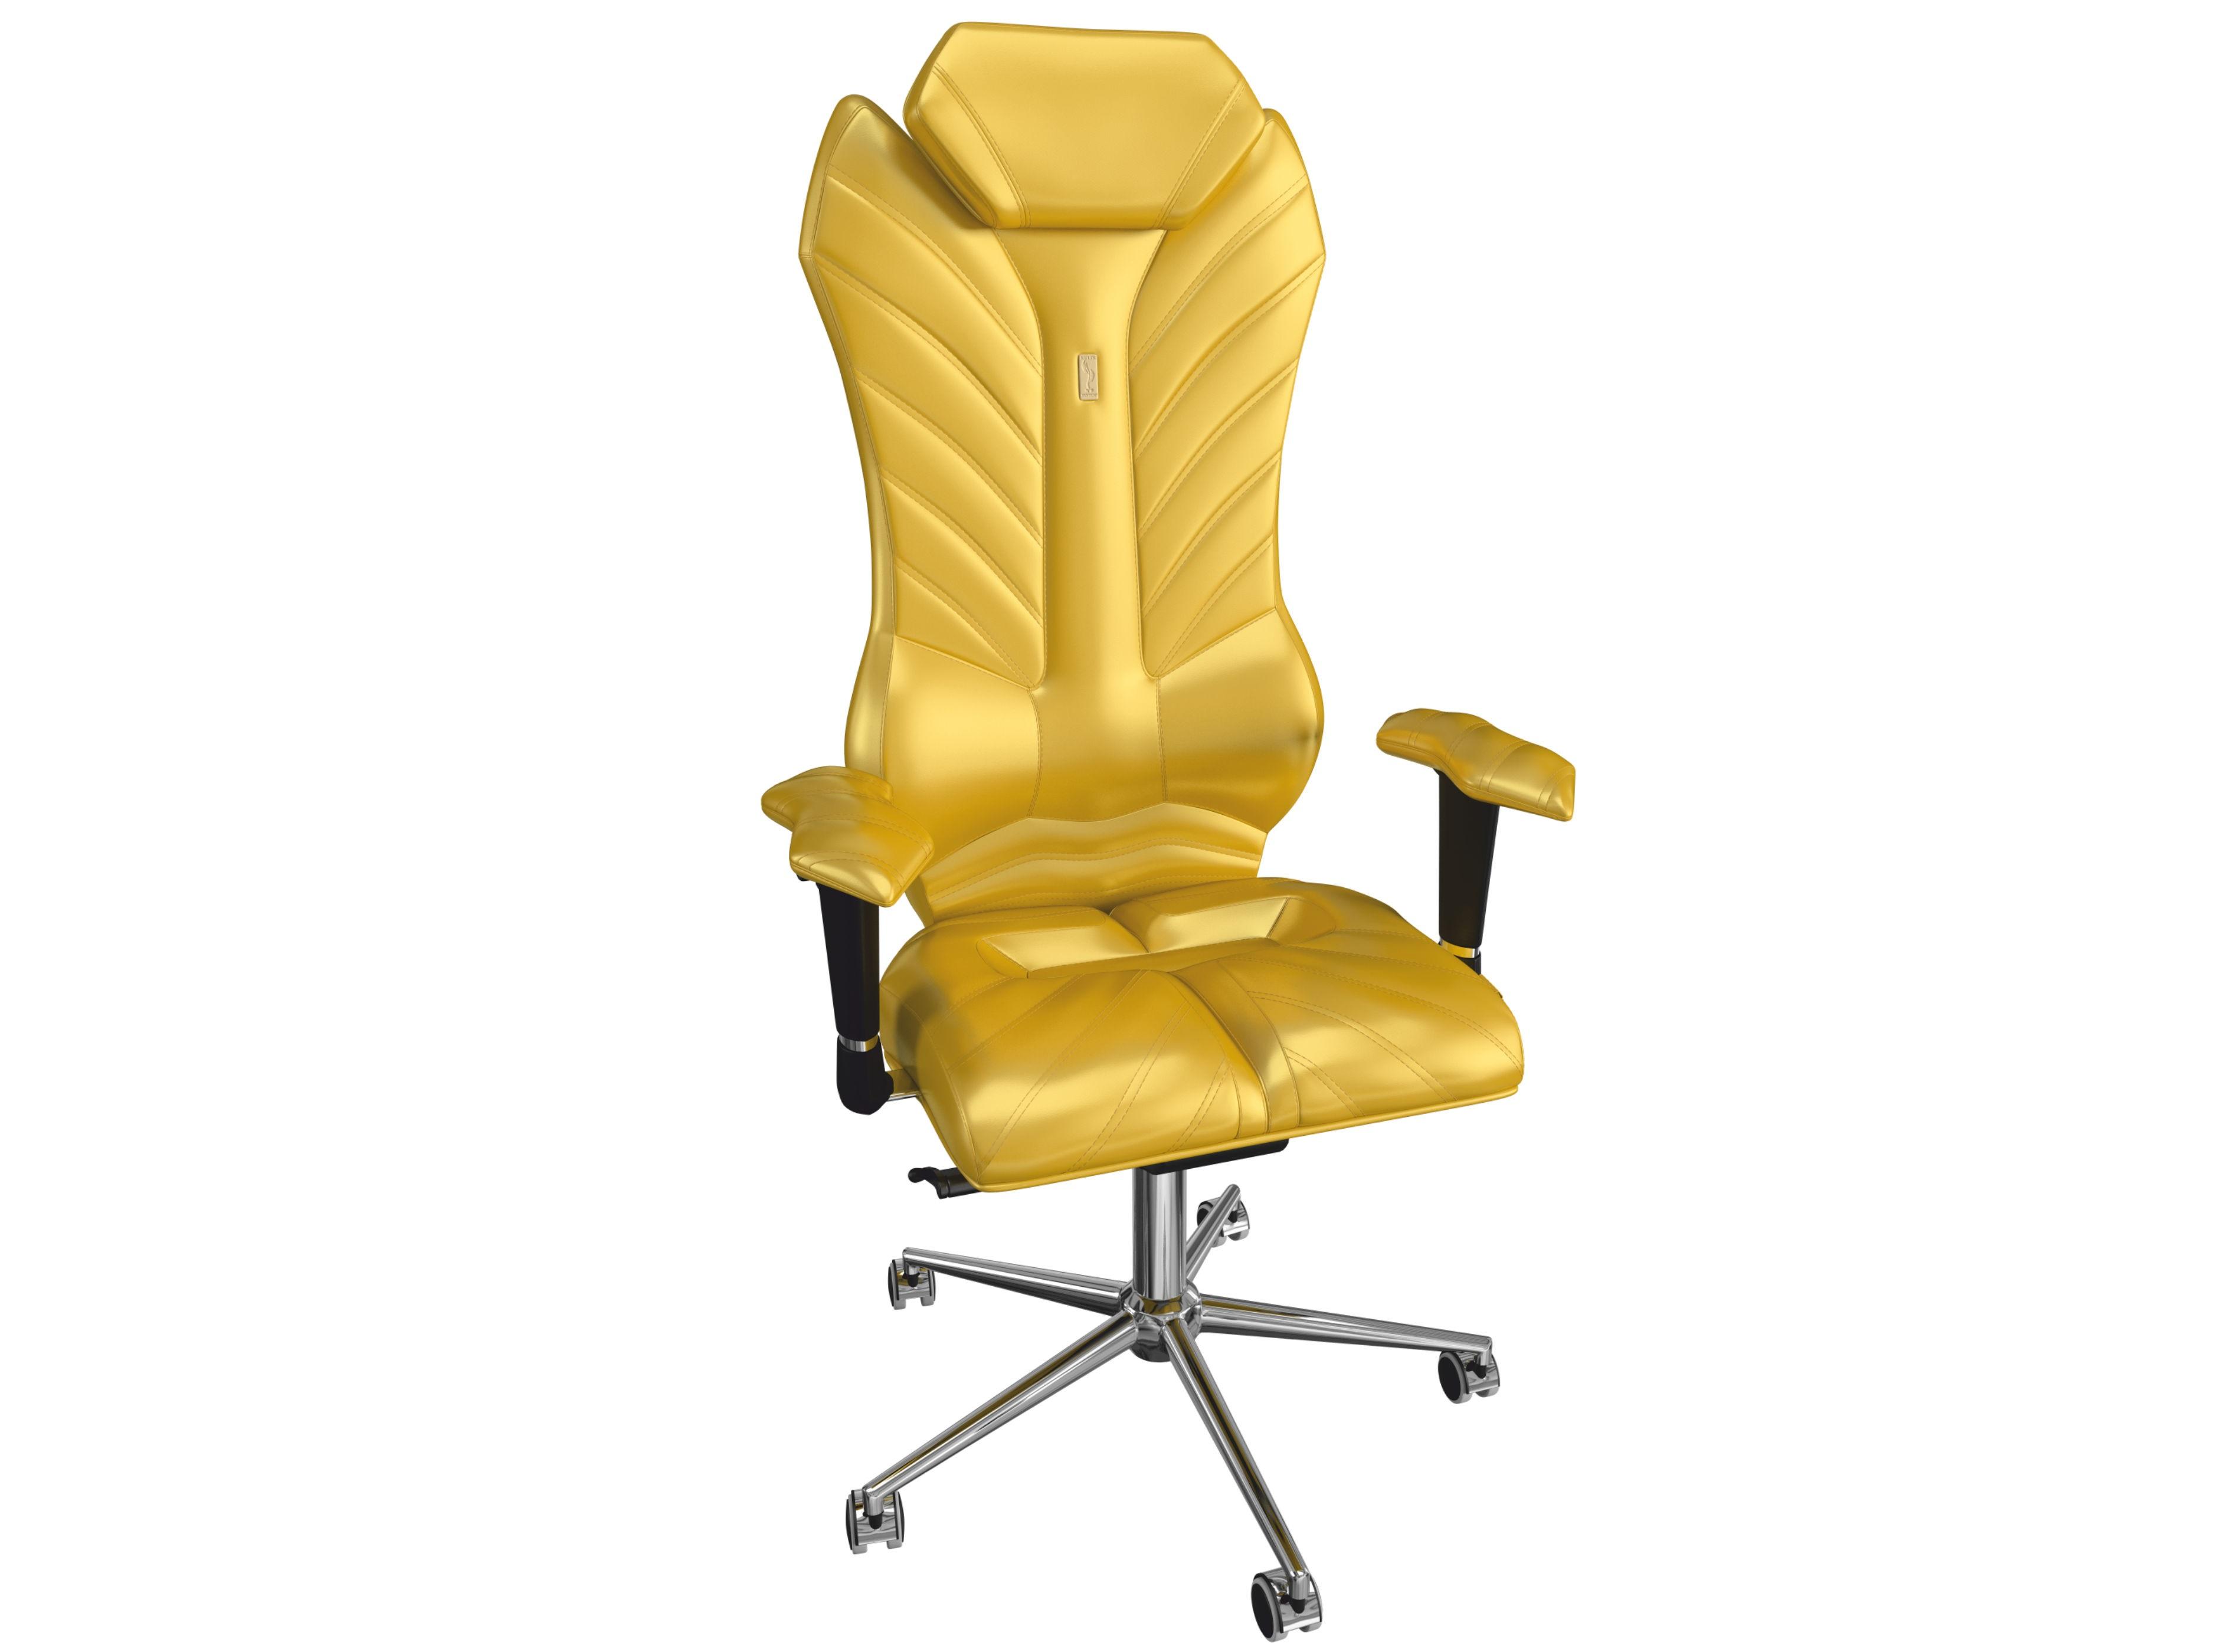 Кресло MONARCHРабочие кресла<br>&amp;lt;div&amp;gt;Отличное решение для тех, кто ценит комфорт и любит свободное пространство. Имперское величие и викторианское изящество придают креслу вид аристократизма и благородства.&amp;amp;nbsp;&amp;lt;/div&amp;gt;<br>&amp;lt;br&amp;gt;<br>&amp;lt;iframe width=&amp;quot;500&amp;quot; height=&amp;quot;320&amp;quot; src=&amp;quot;https://www.youtube.com/embed/6koG4IB7DW4&amp;quot; frameborder=&amp;quot;0&amp;quot; allowfullscreen=&amp;quot;&amp;quot;&amp;gt;&amp;lt;/iframe&amp;gt;<br>&amp;lt;br&amp;gt;<br>&amp;lt;iframe width=&amp;quot;500&amp;quot; height=&amp;quot;320&amp;quot; src=&amp;quot;https://www.youtube.com/embed/99WAtfUHlt0&amp;quot; frameborder=&amp;quot;0&amp;quot; allowfullscreen=&amp;quot;&amp;quot;&amp;gt;&amp;lt;/iframe&amp;gt;<br><br>Material: Кожа<br>Ширина см: 76.0<br>Высота см: 147.0<br>Глубина см: 58.0